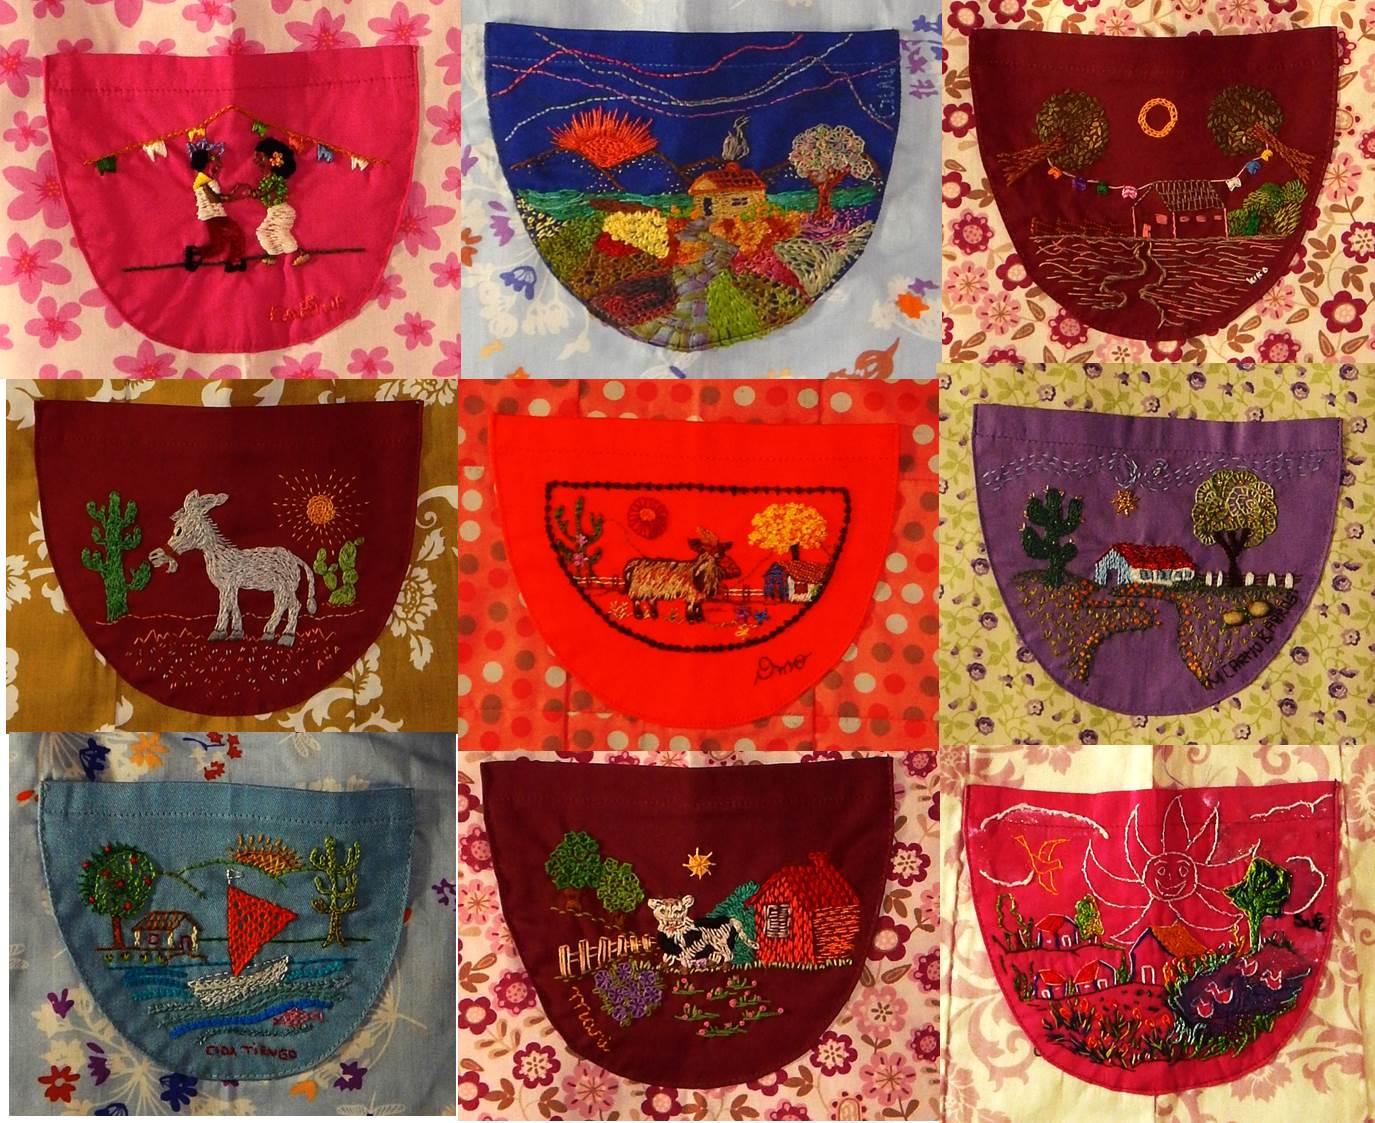 Detalhes dos bordados dos bolsinhos desenhados por Marta Jungman